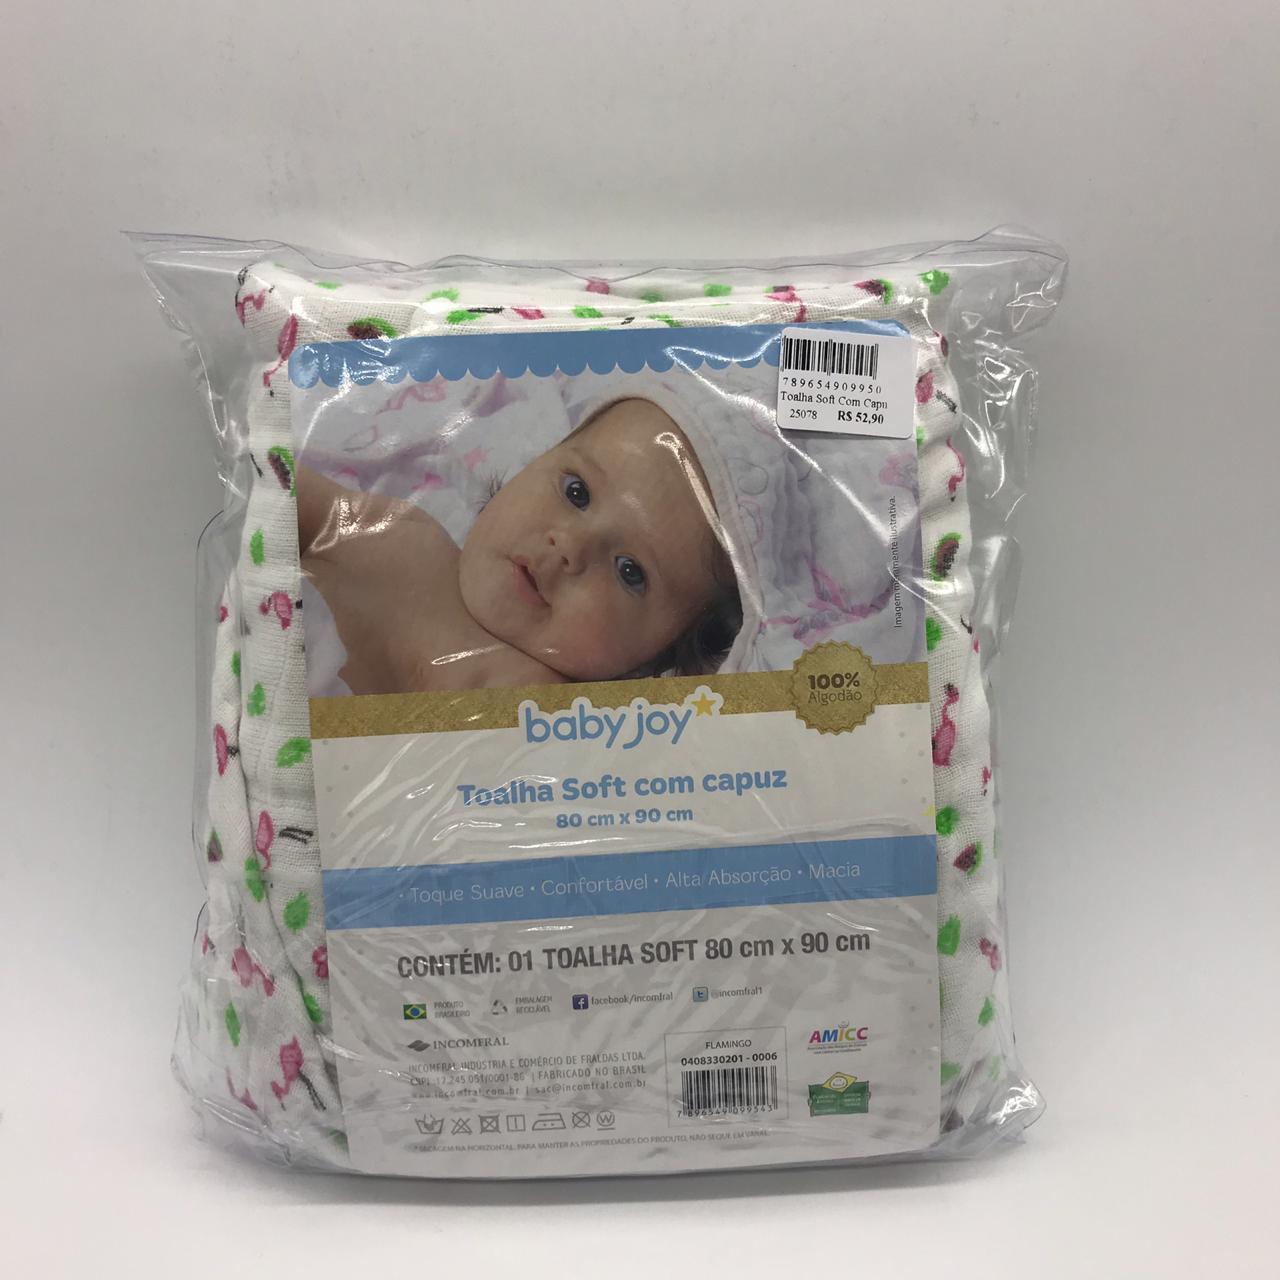 Toalha Soft Com Capuz Flamingo - Baby Joy Incomfral Ref 04083302010006